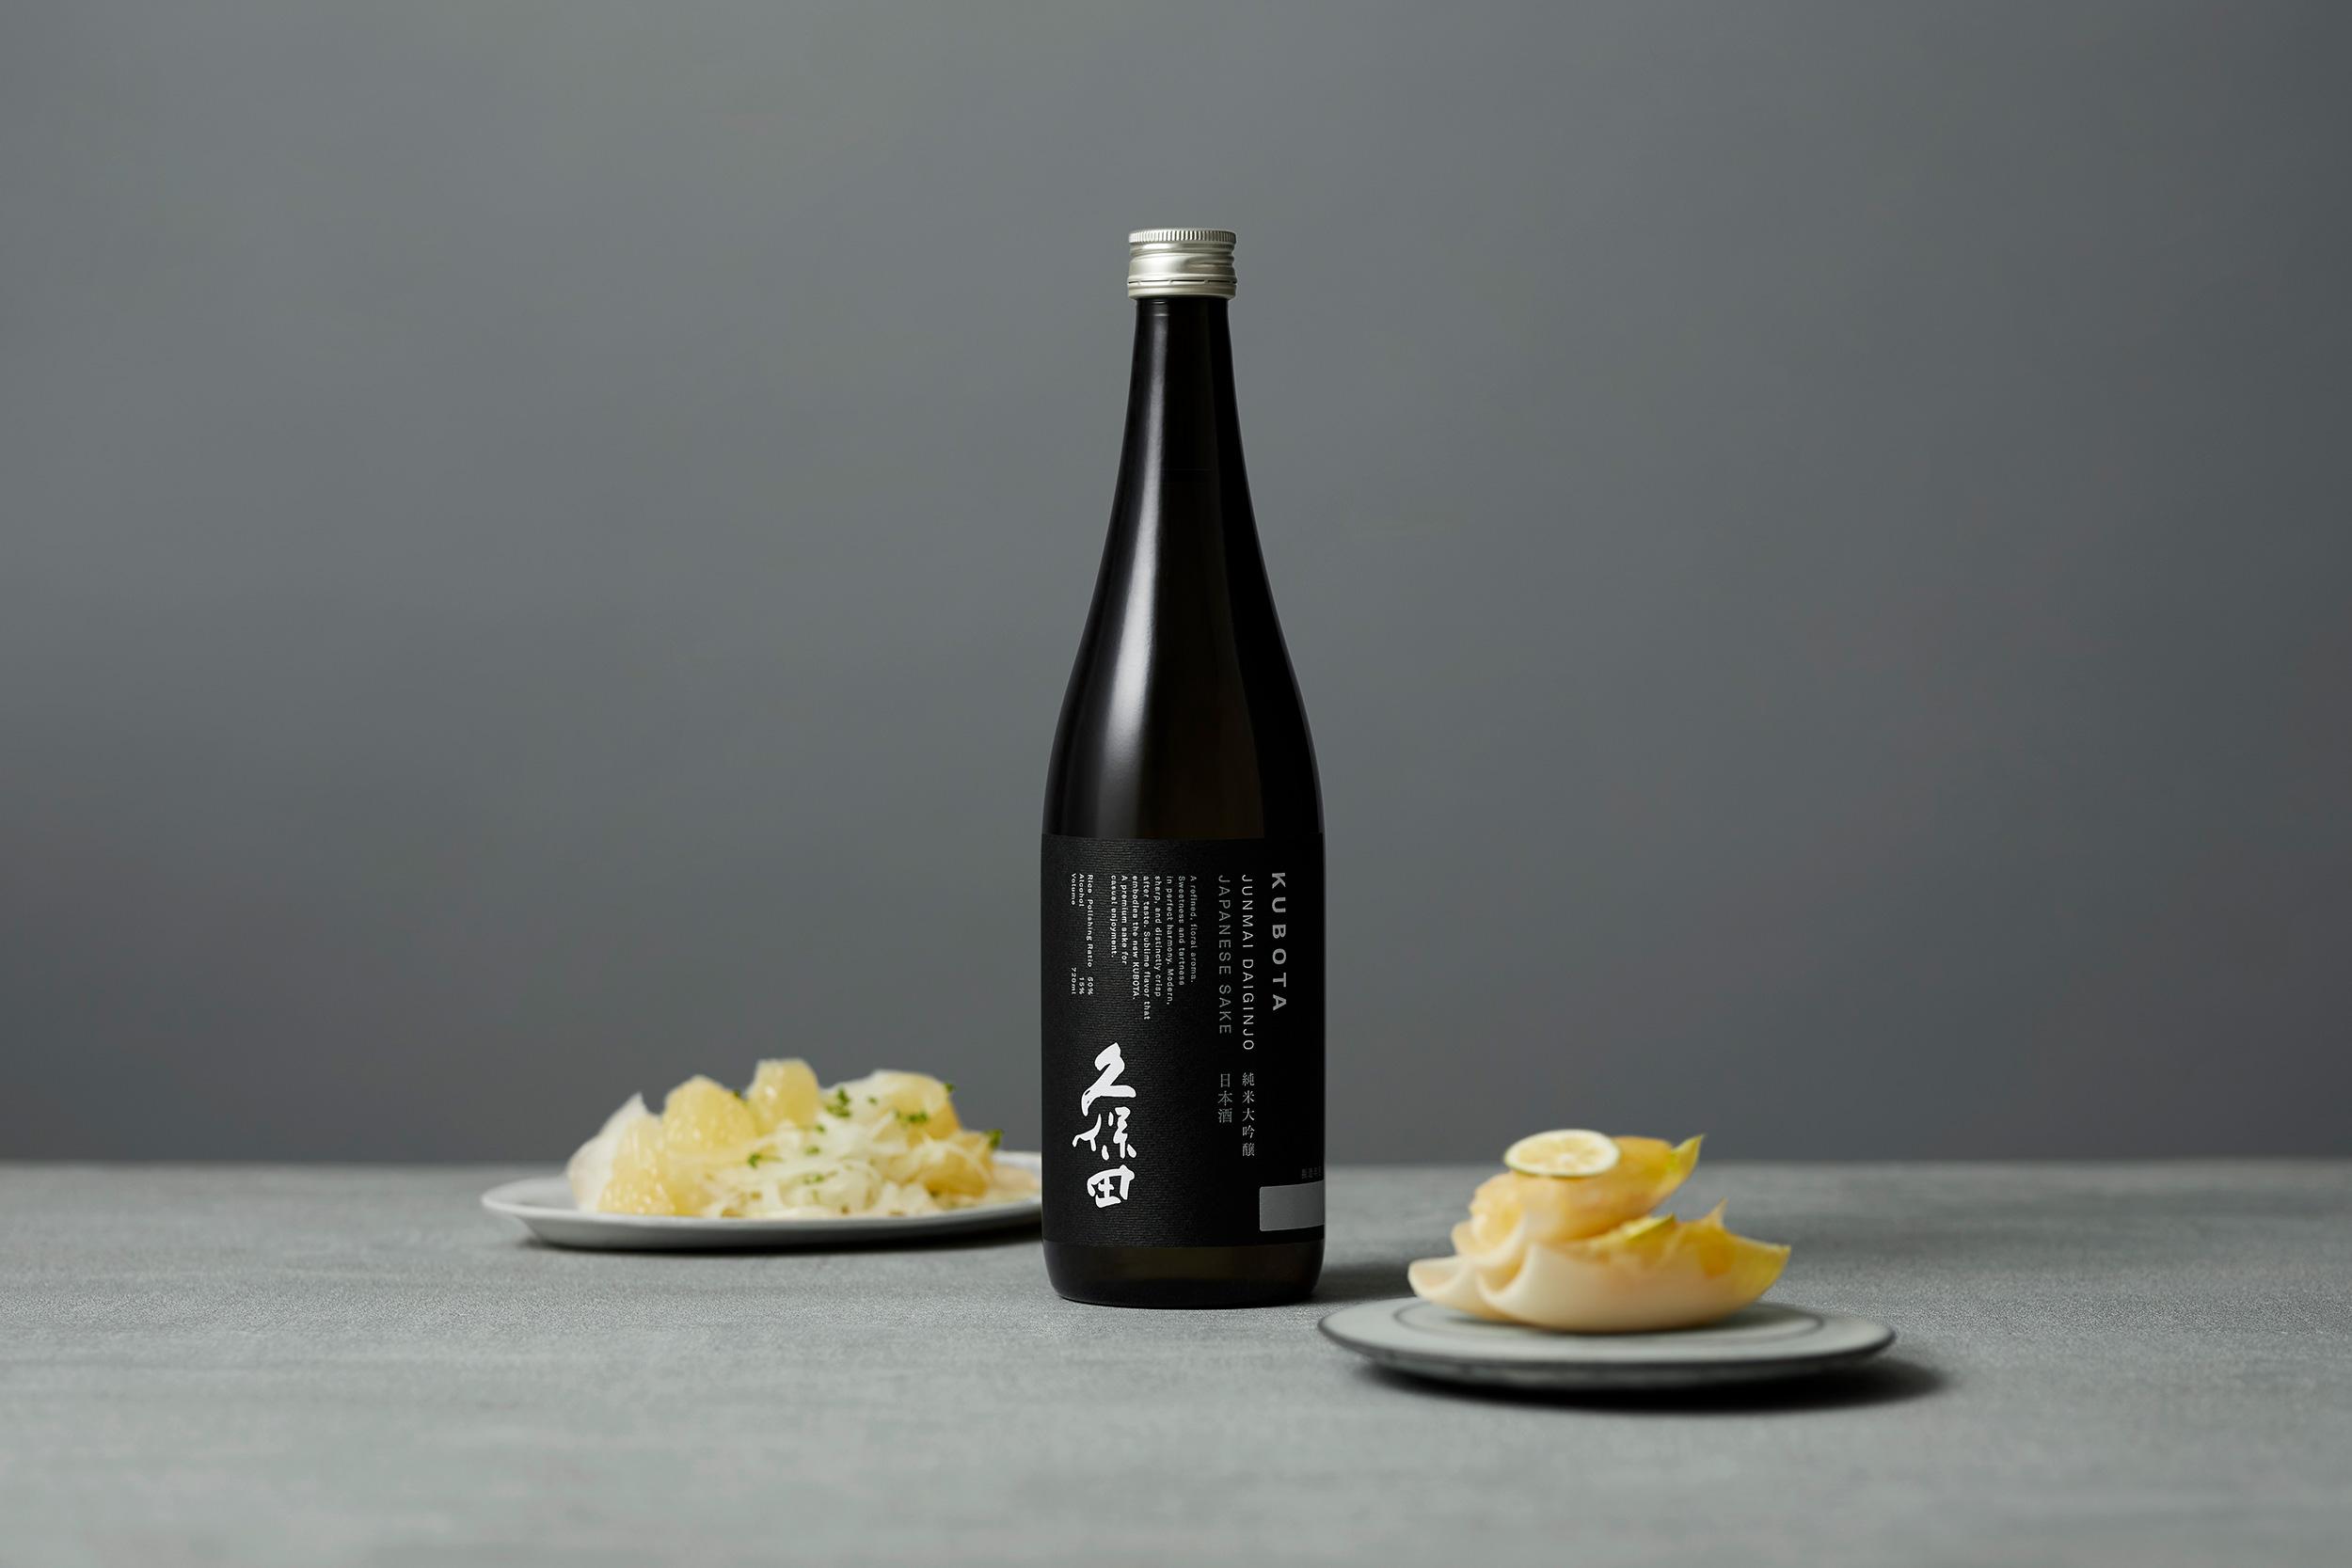 純米酒とは?純米酒の種類から魅力や楽しみ方を解説